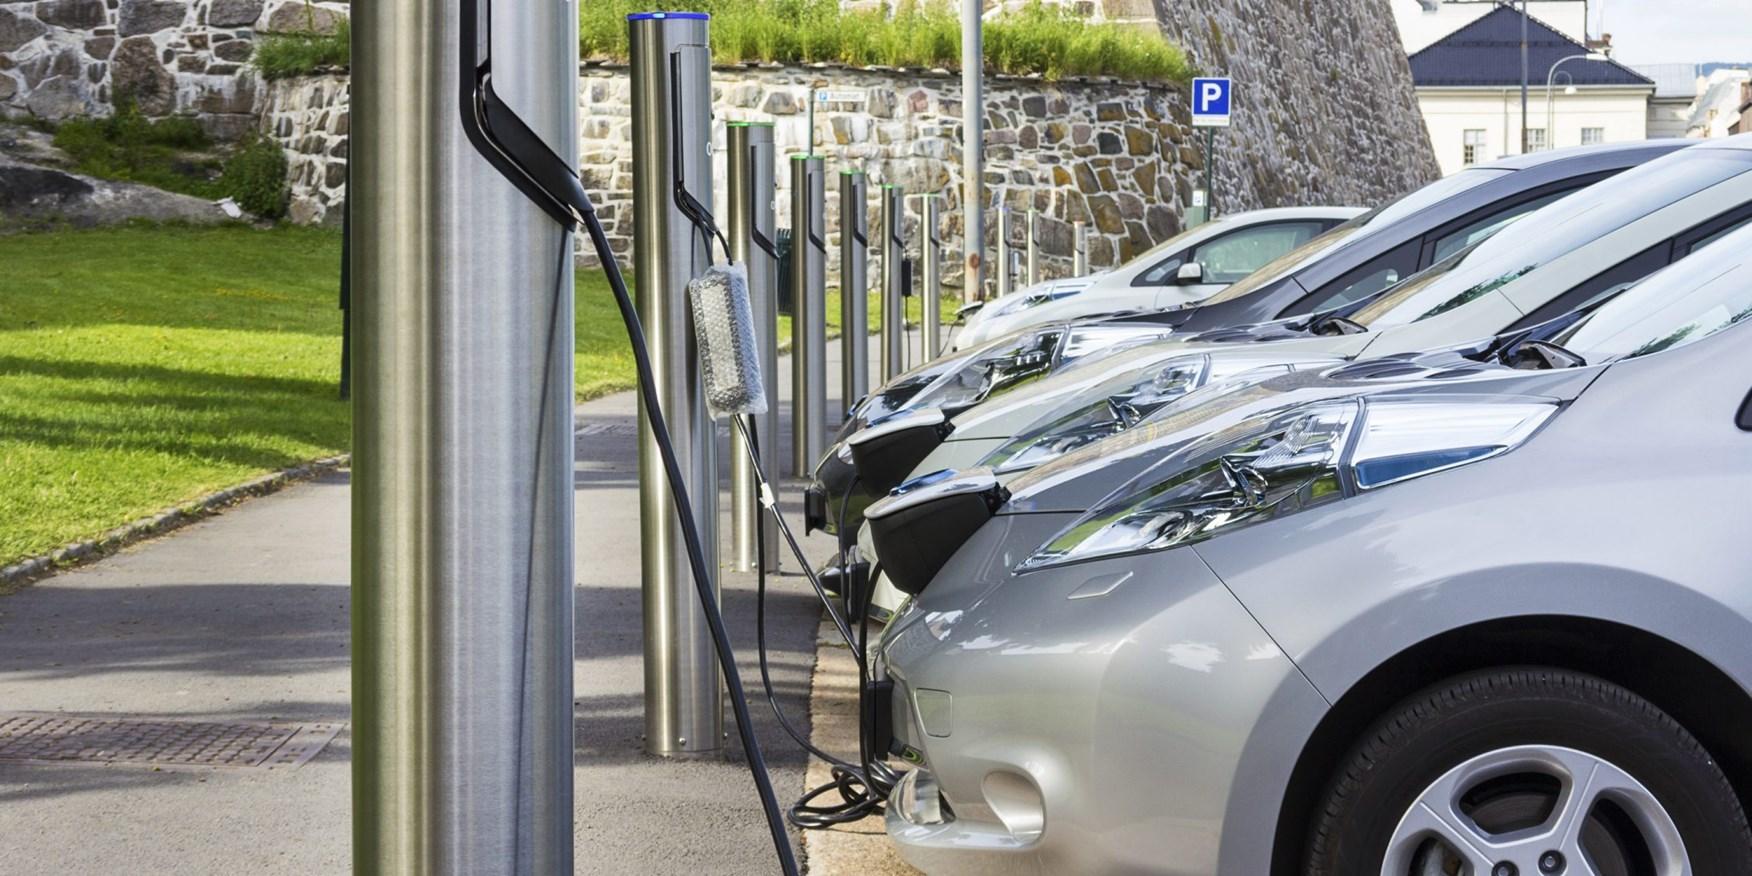 Κύπρος: Ξεκίνησε η απόσυρση για αγορά ηλεκτρικού οχήματος με τεράστια ζήτηση